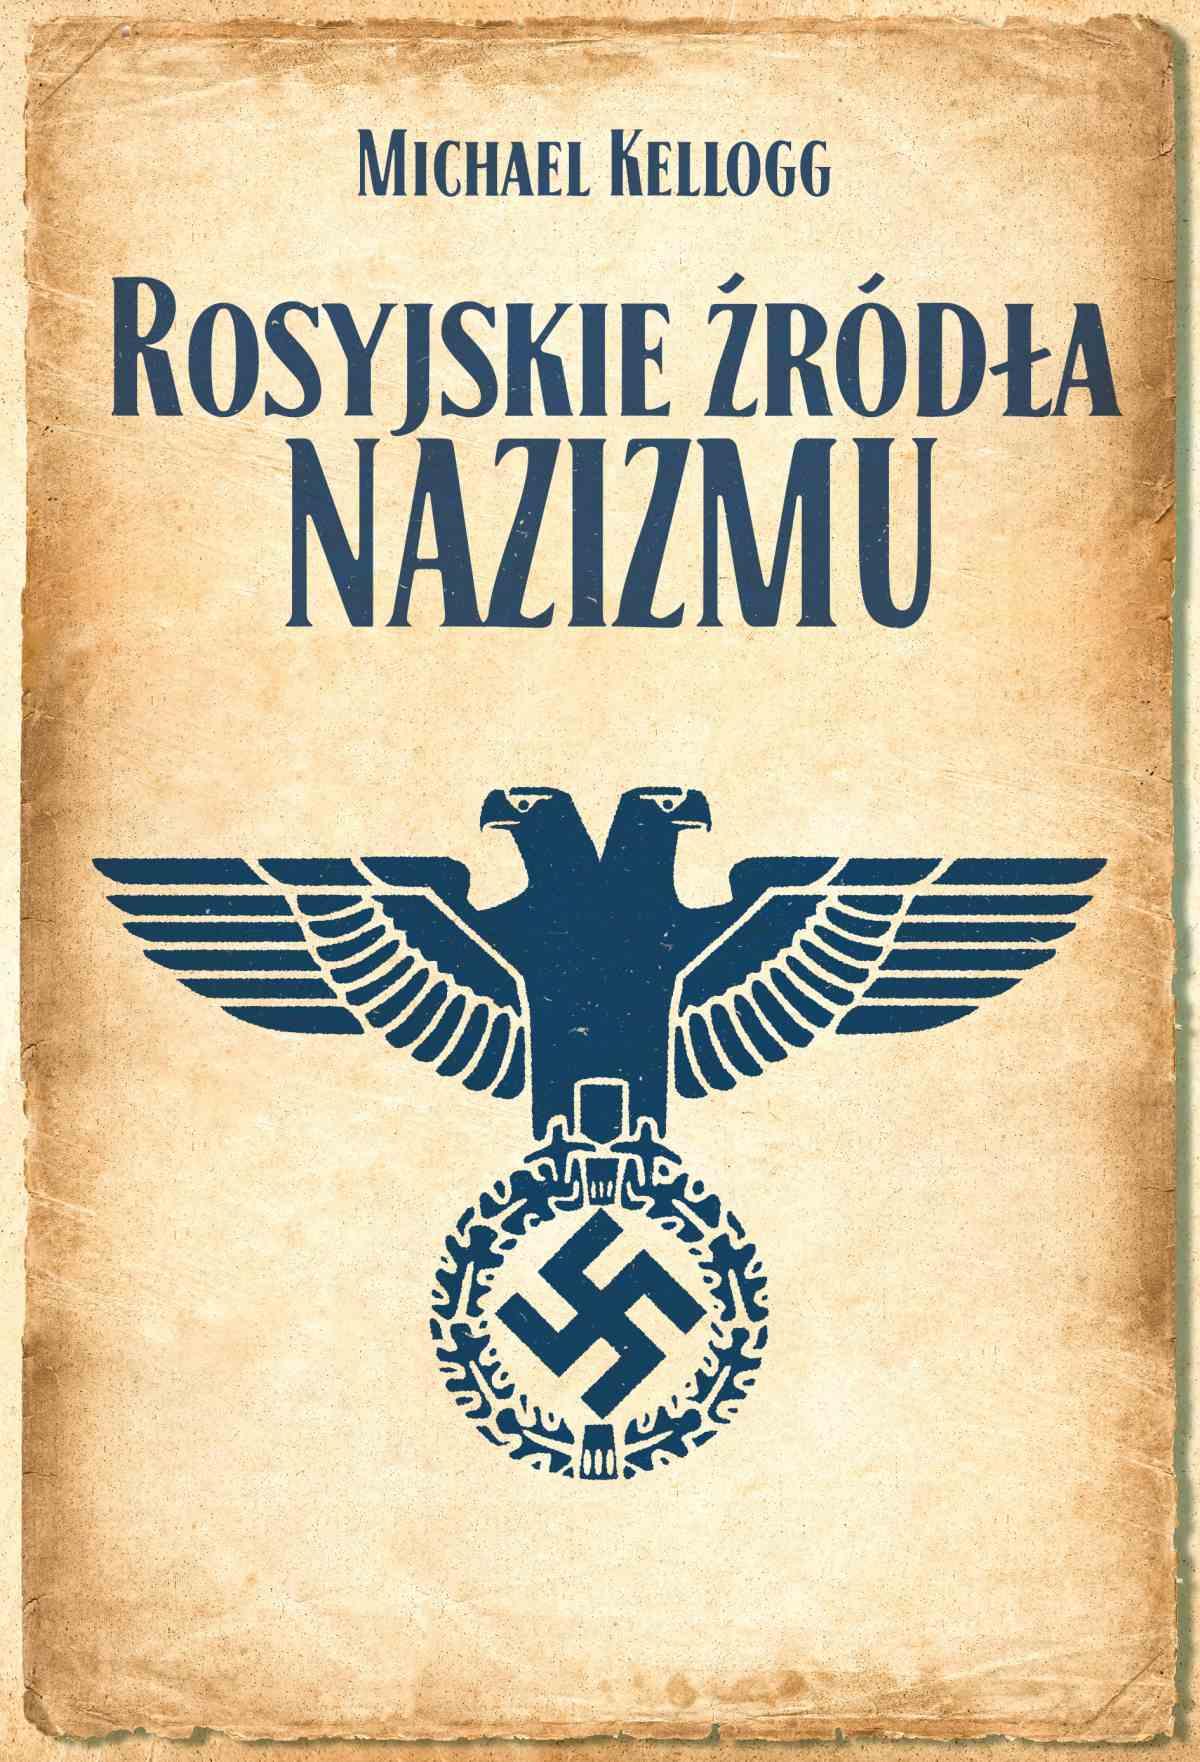 Rosyjskie źródła nazizmu - Ebook (Książka EPUB) do pobrania w formacie EPUB